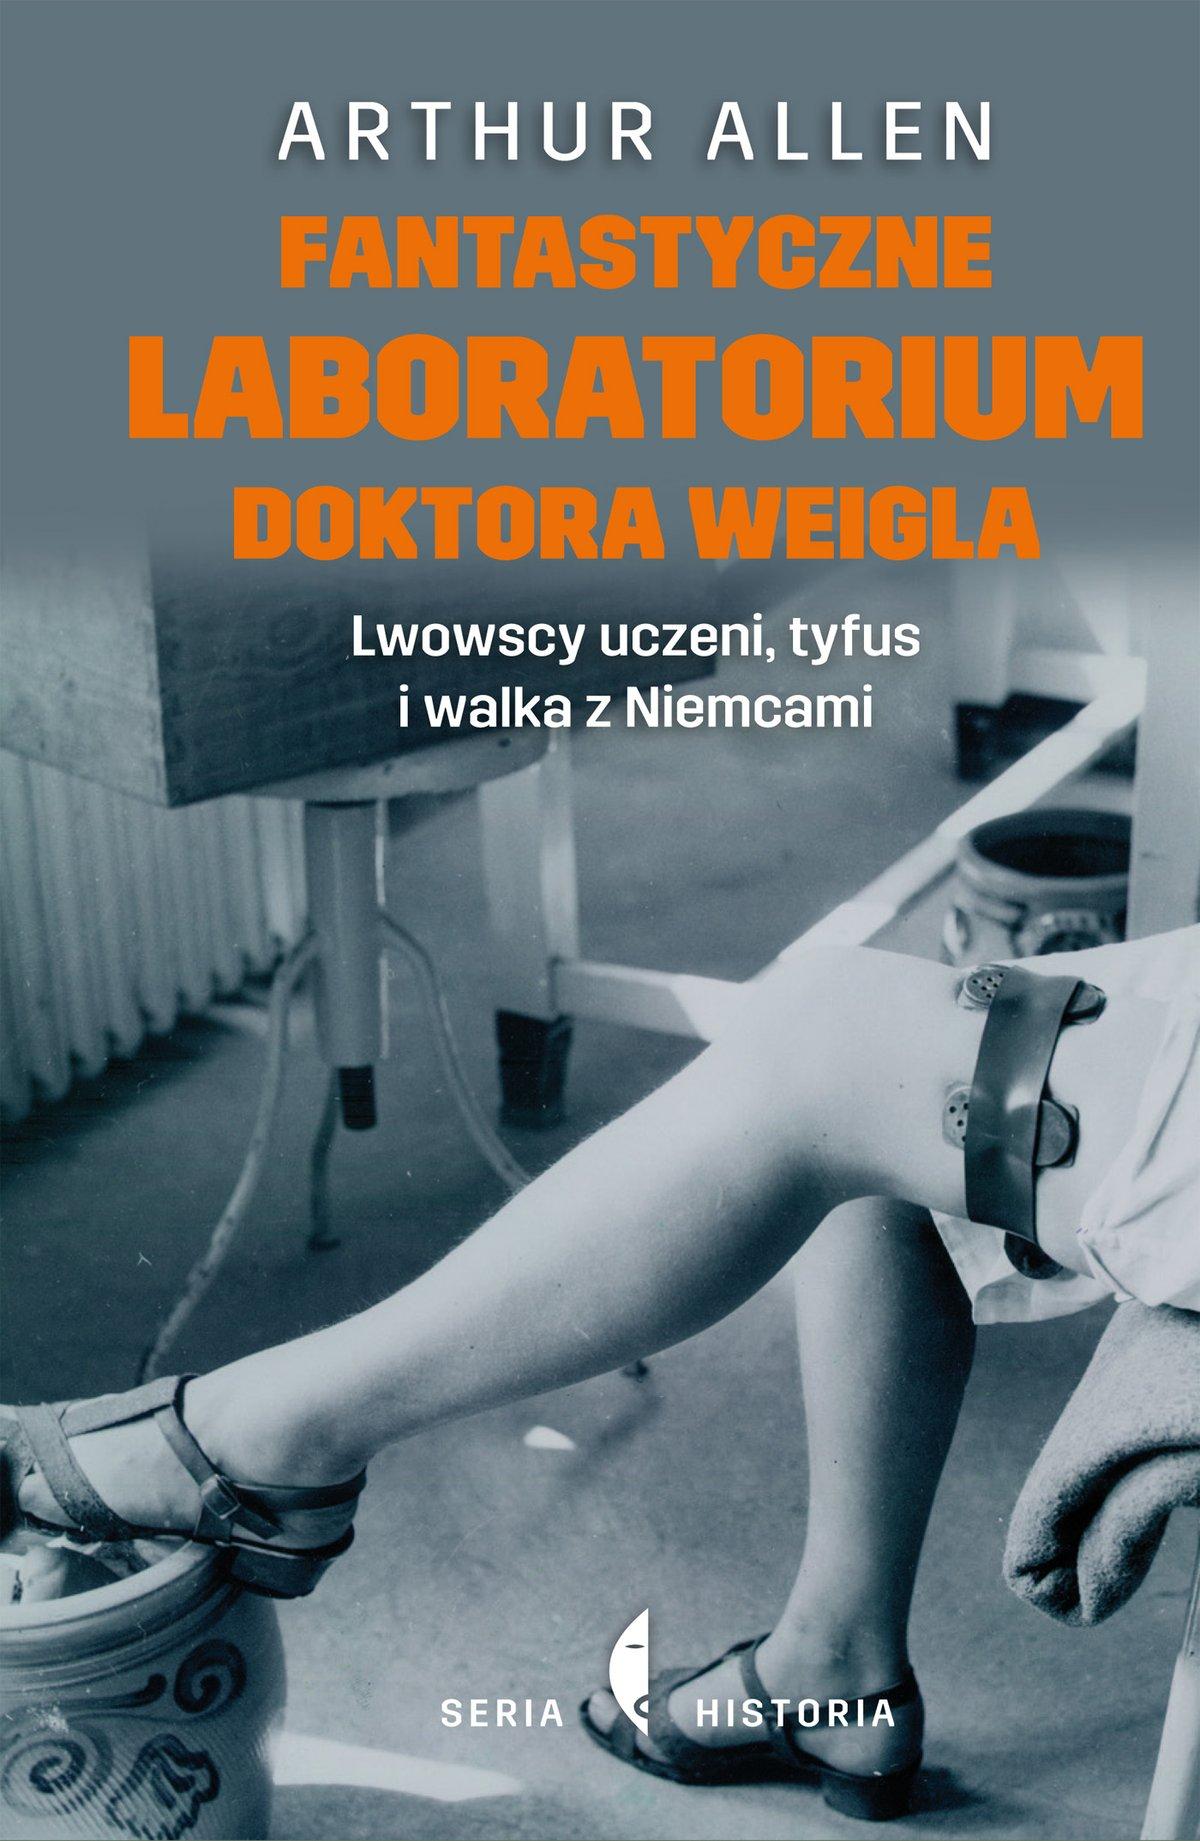 Fantastyczne laboratorium doktora Weigla - Ebook (Książka na Kindle) do pobrania w formacie MOBI